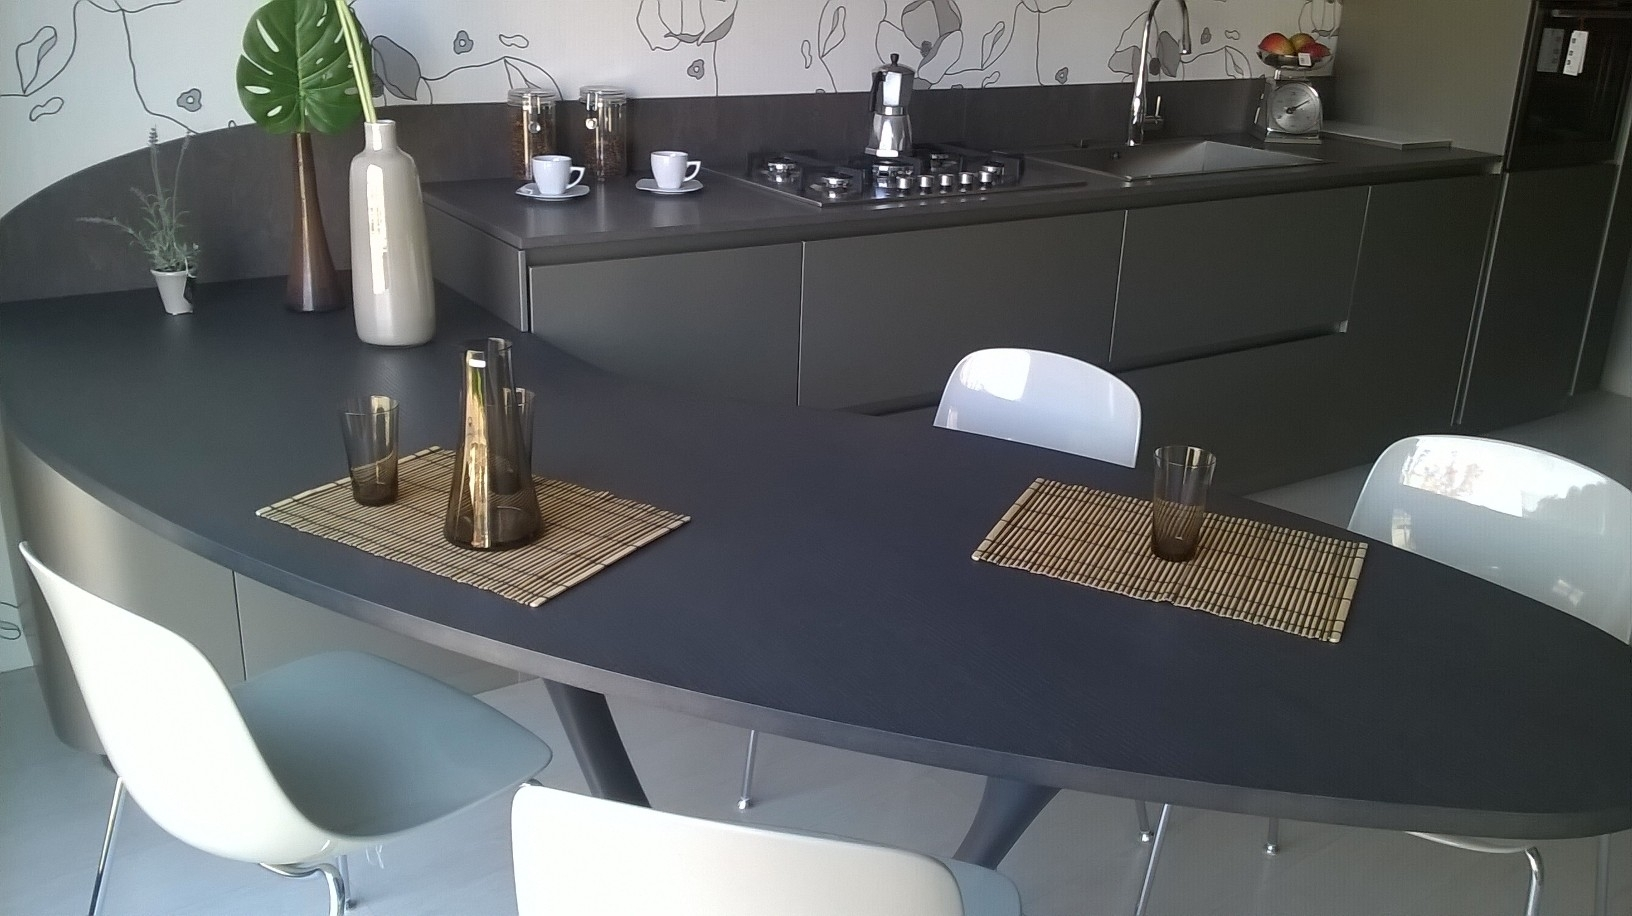 Cucina snaidero ola 20 design laccato opaco grigio for Misure tavolo cucina